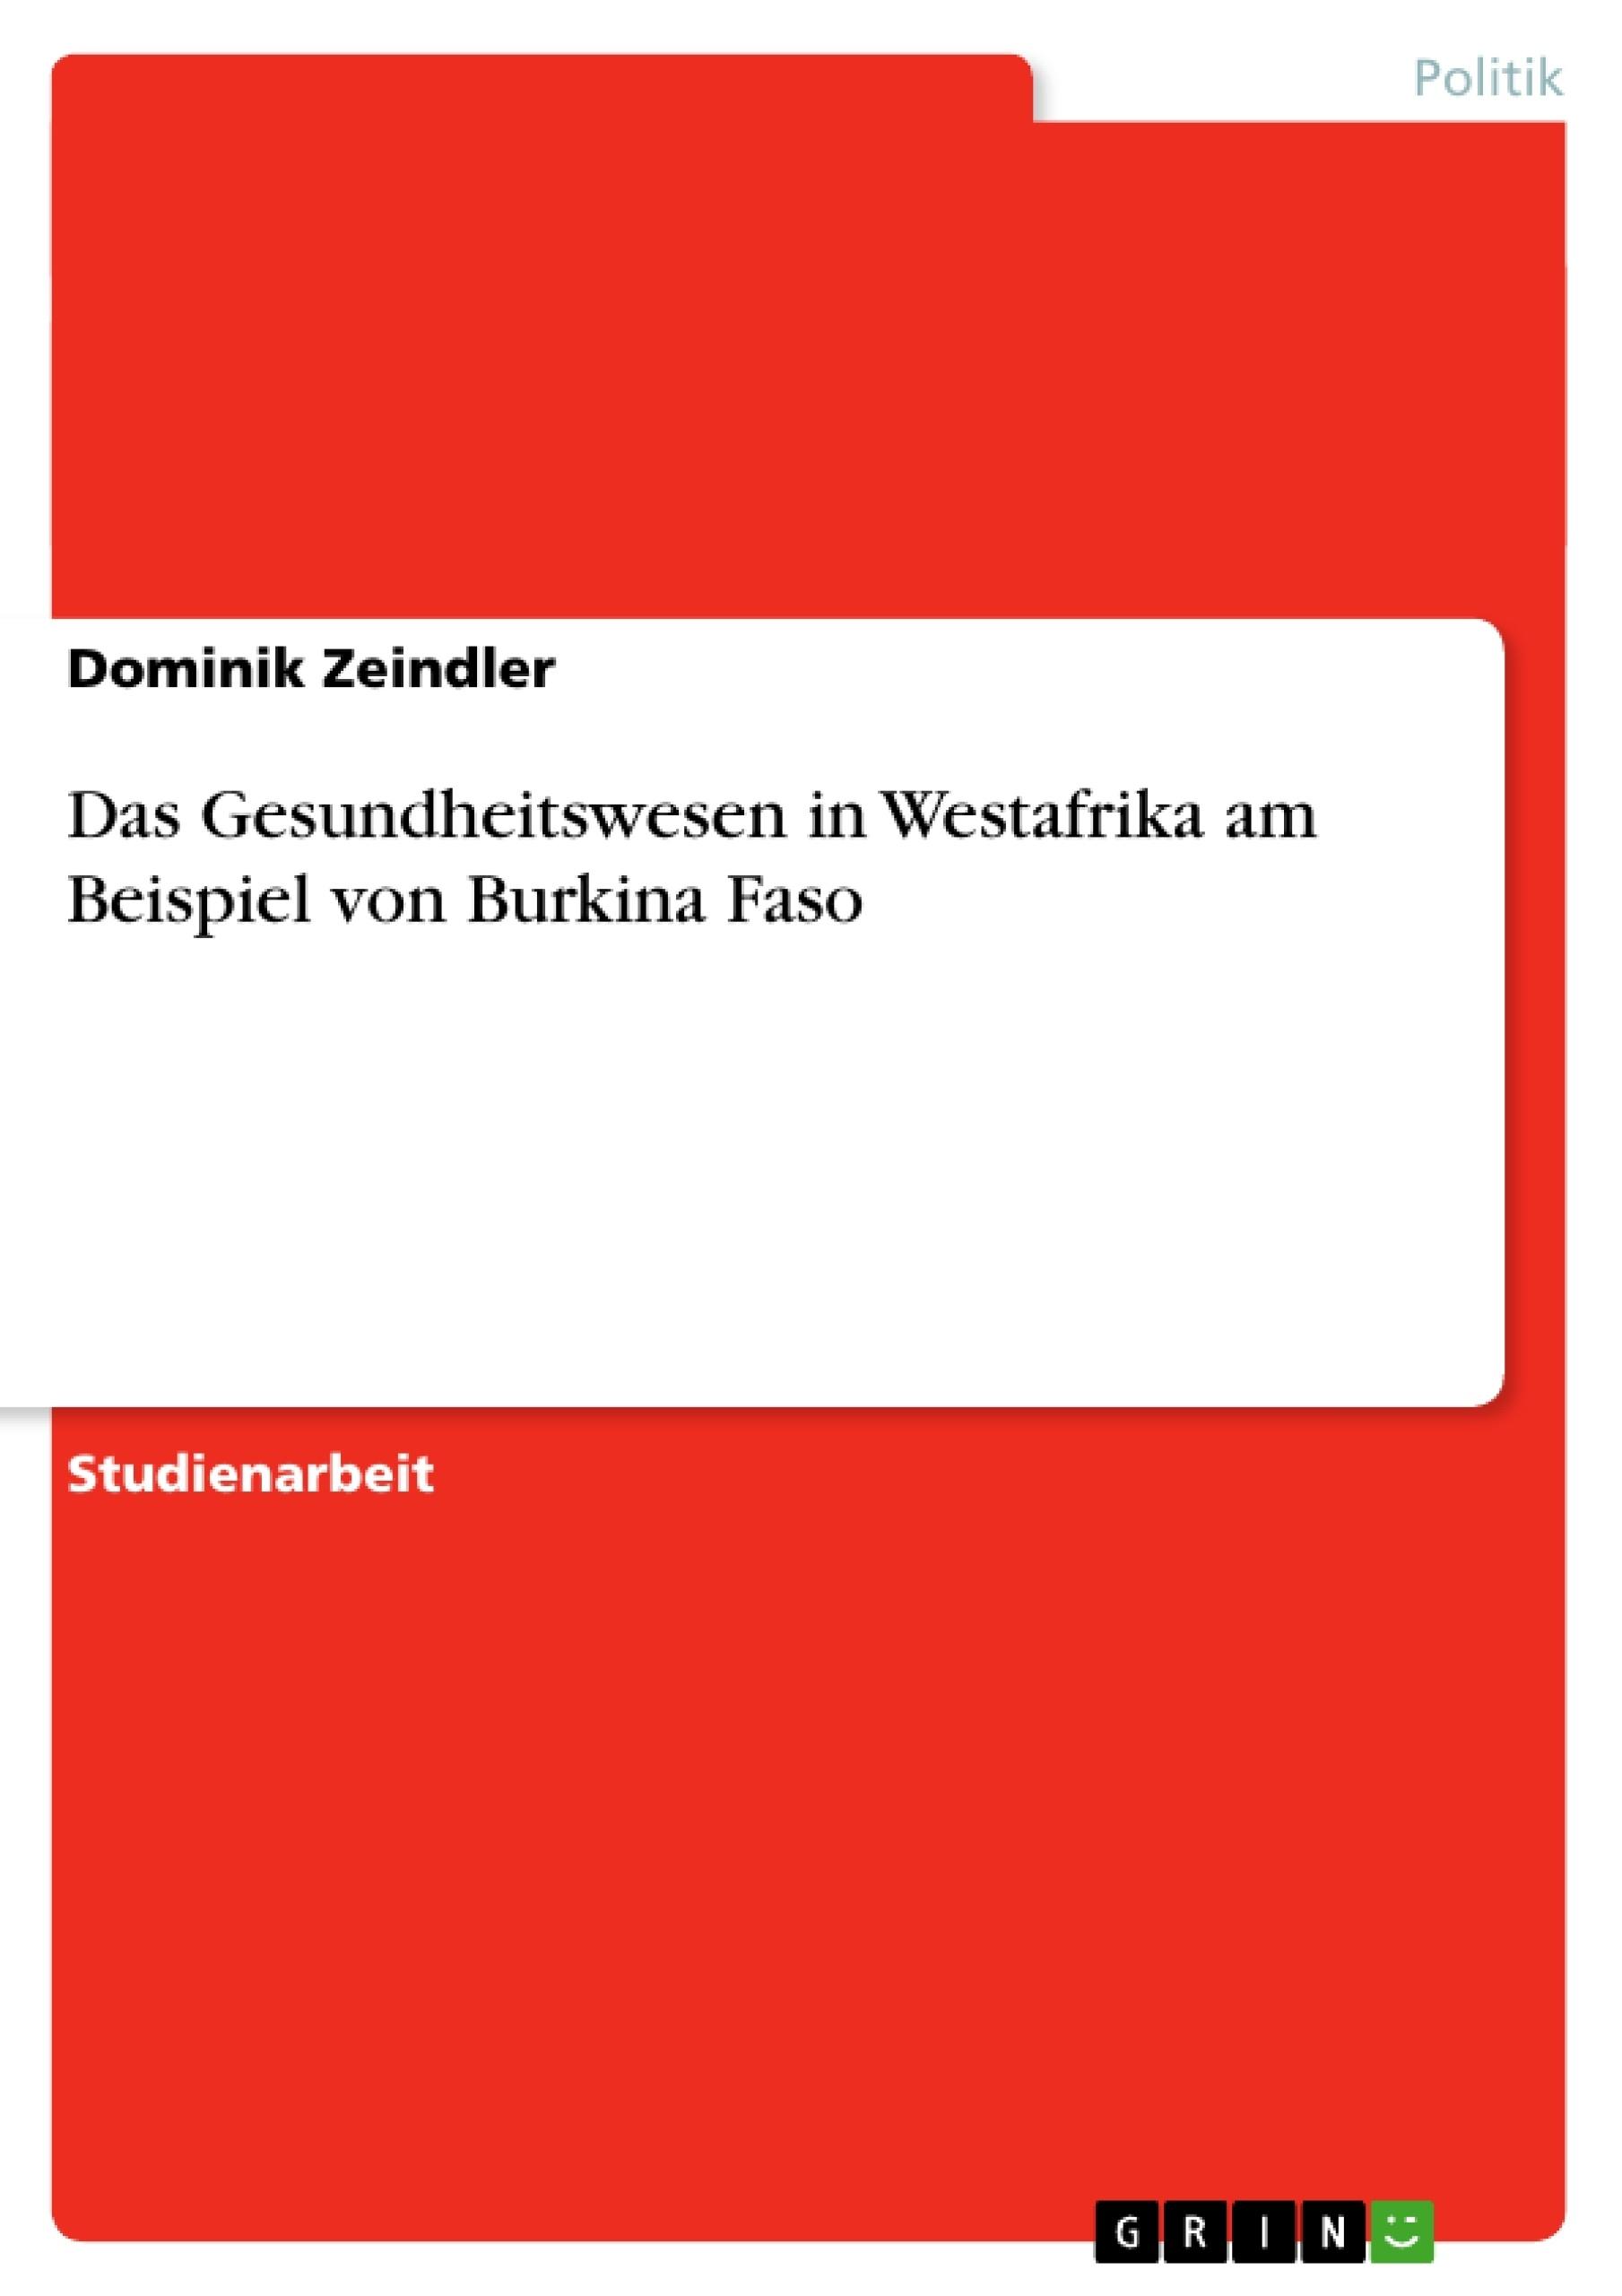 Titel: Das Gesundheitswesen in Westafrika am Beispiel von Burkina Faso